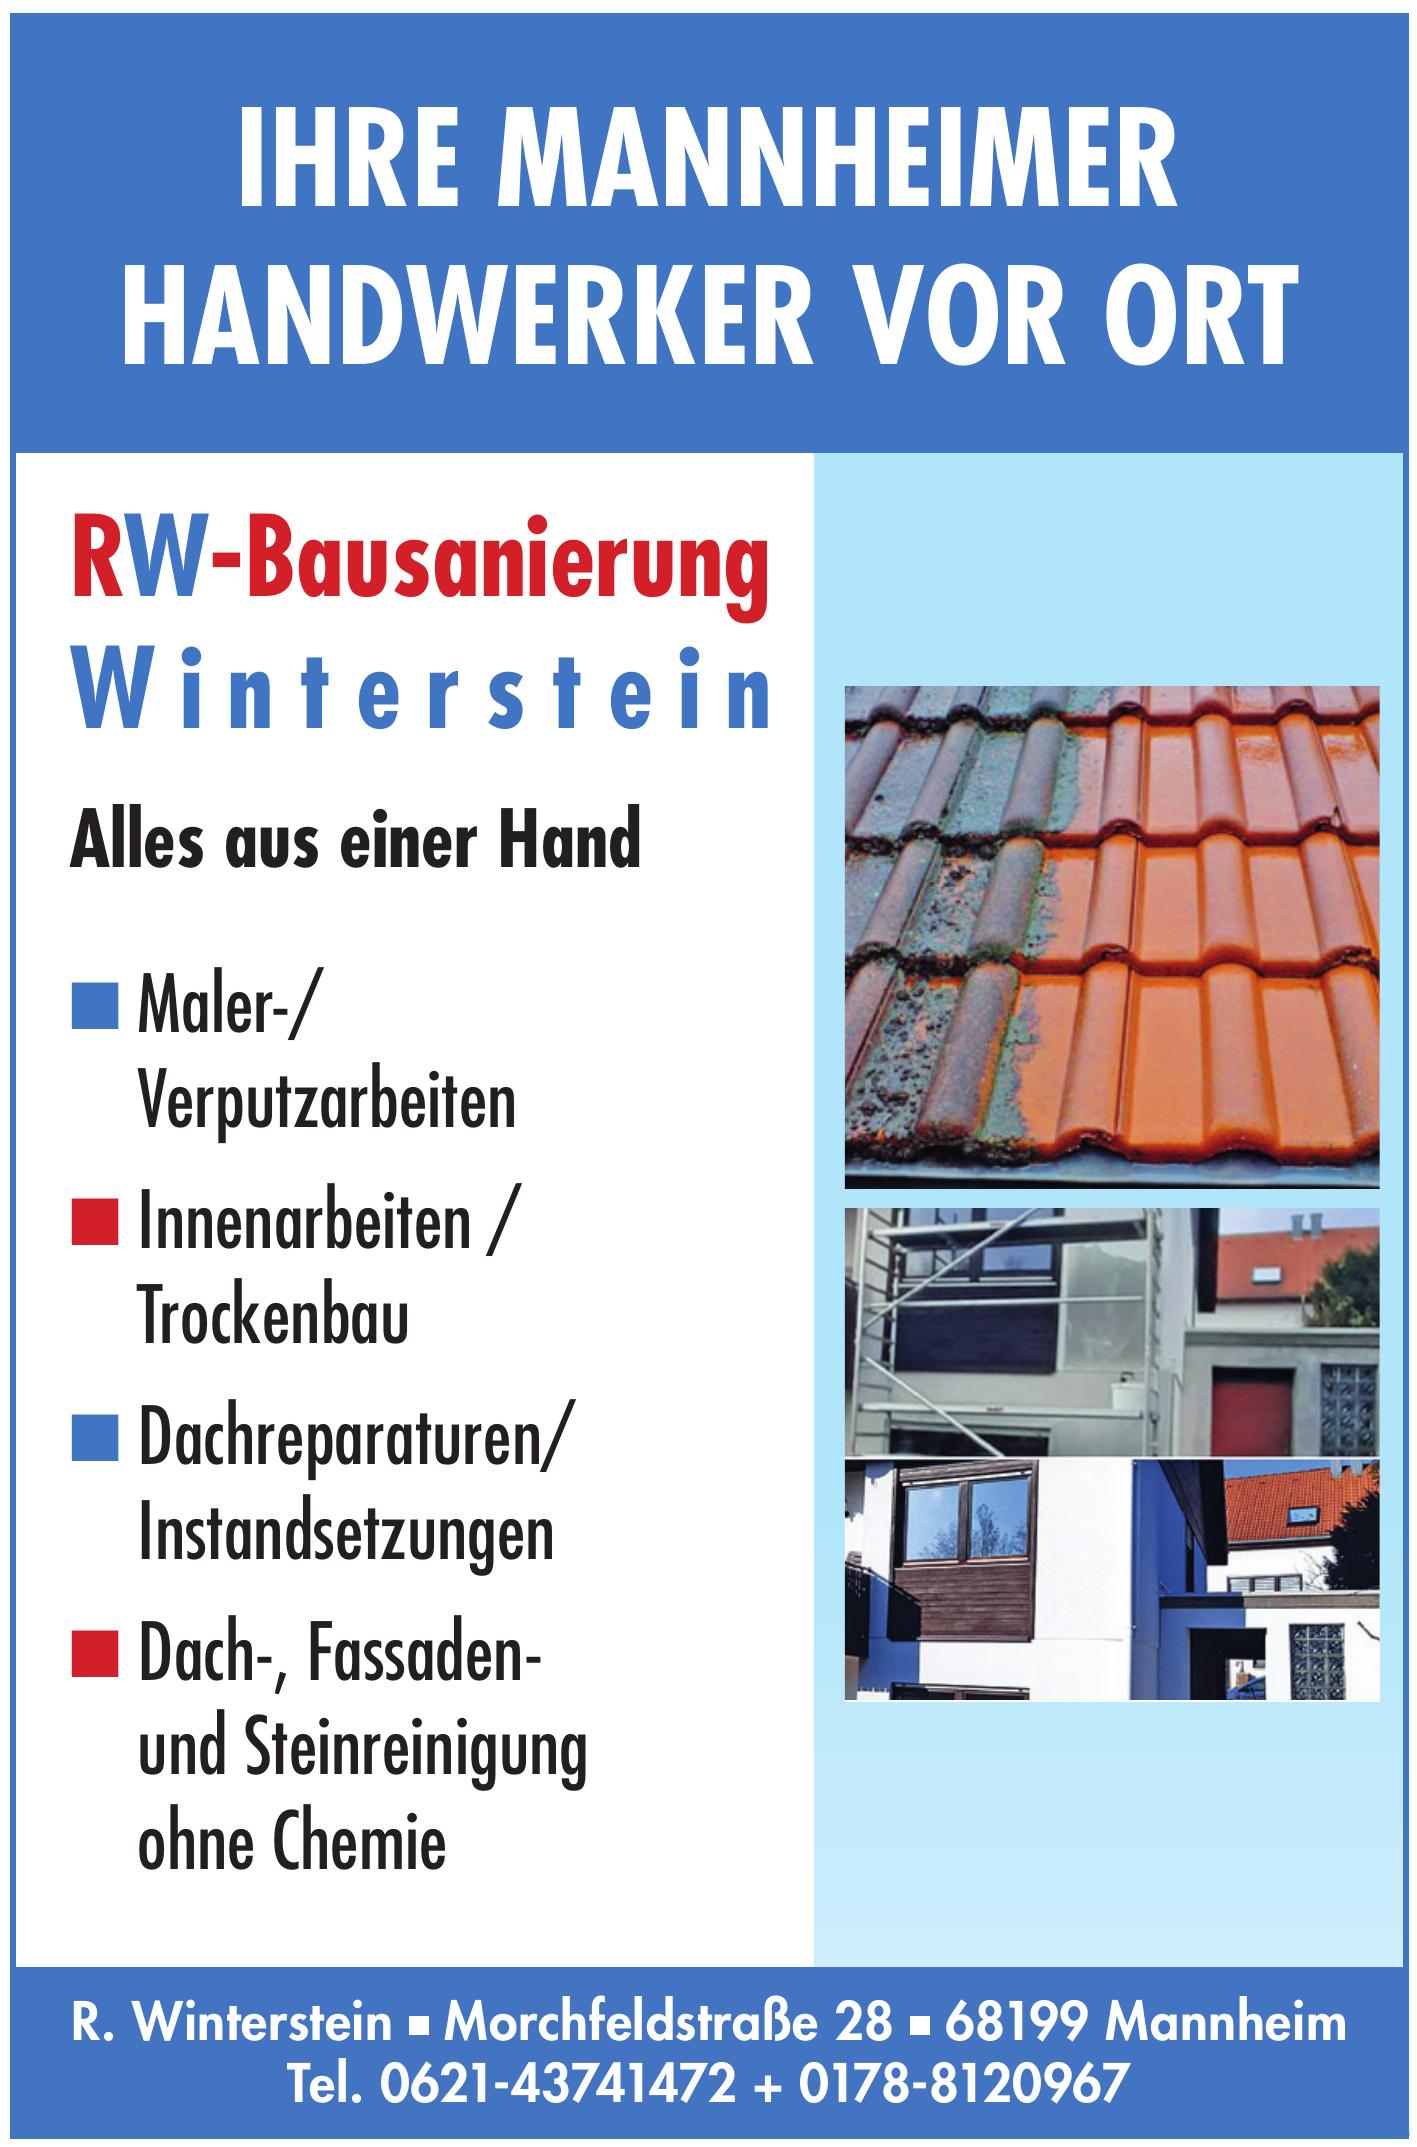 RW-Bausanierung